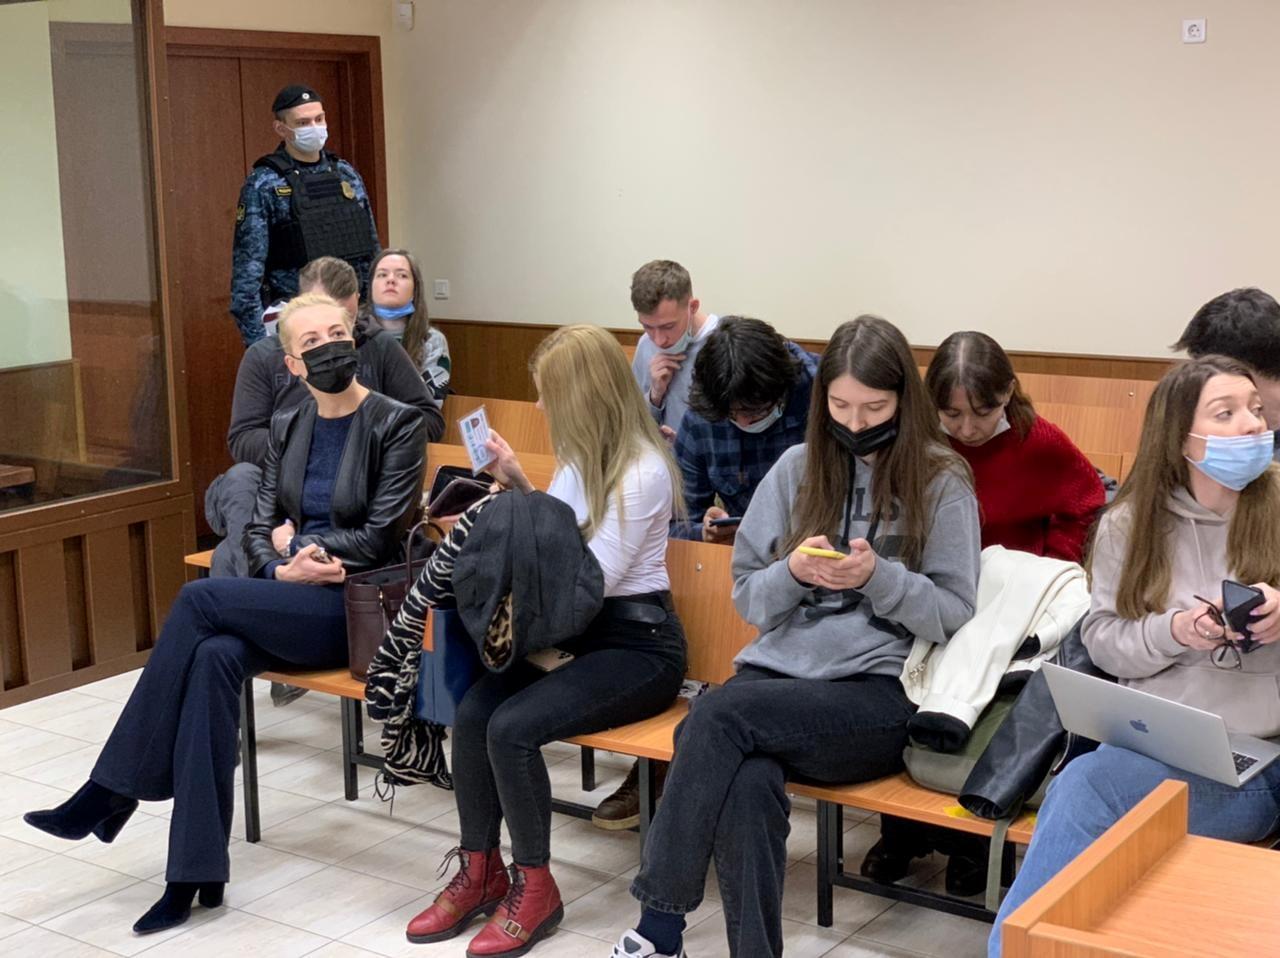 Krievijas opozīcijas līdera Alekseja Navaļnija sieva Jūlija Navaļnaja pirms tiesas sēdes tiek skatīta tiesas zālē, lai izskatītu apelācijas sūdzību par agrāku tiesas lēmumu, kurā Navaļnijs atzīts par vainīgu Krievijas Otrā pasaules kara veterāna nomelnošanā, Maskavā, Krievijā, 29. gada 2021. aprīlī. Maskavas Babuškinska rajona tiesas preses dienests / izdales materiāls, izmantojot REUTERS A